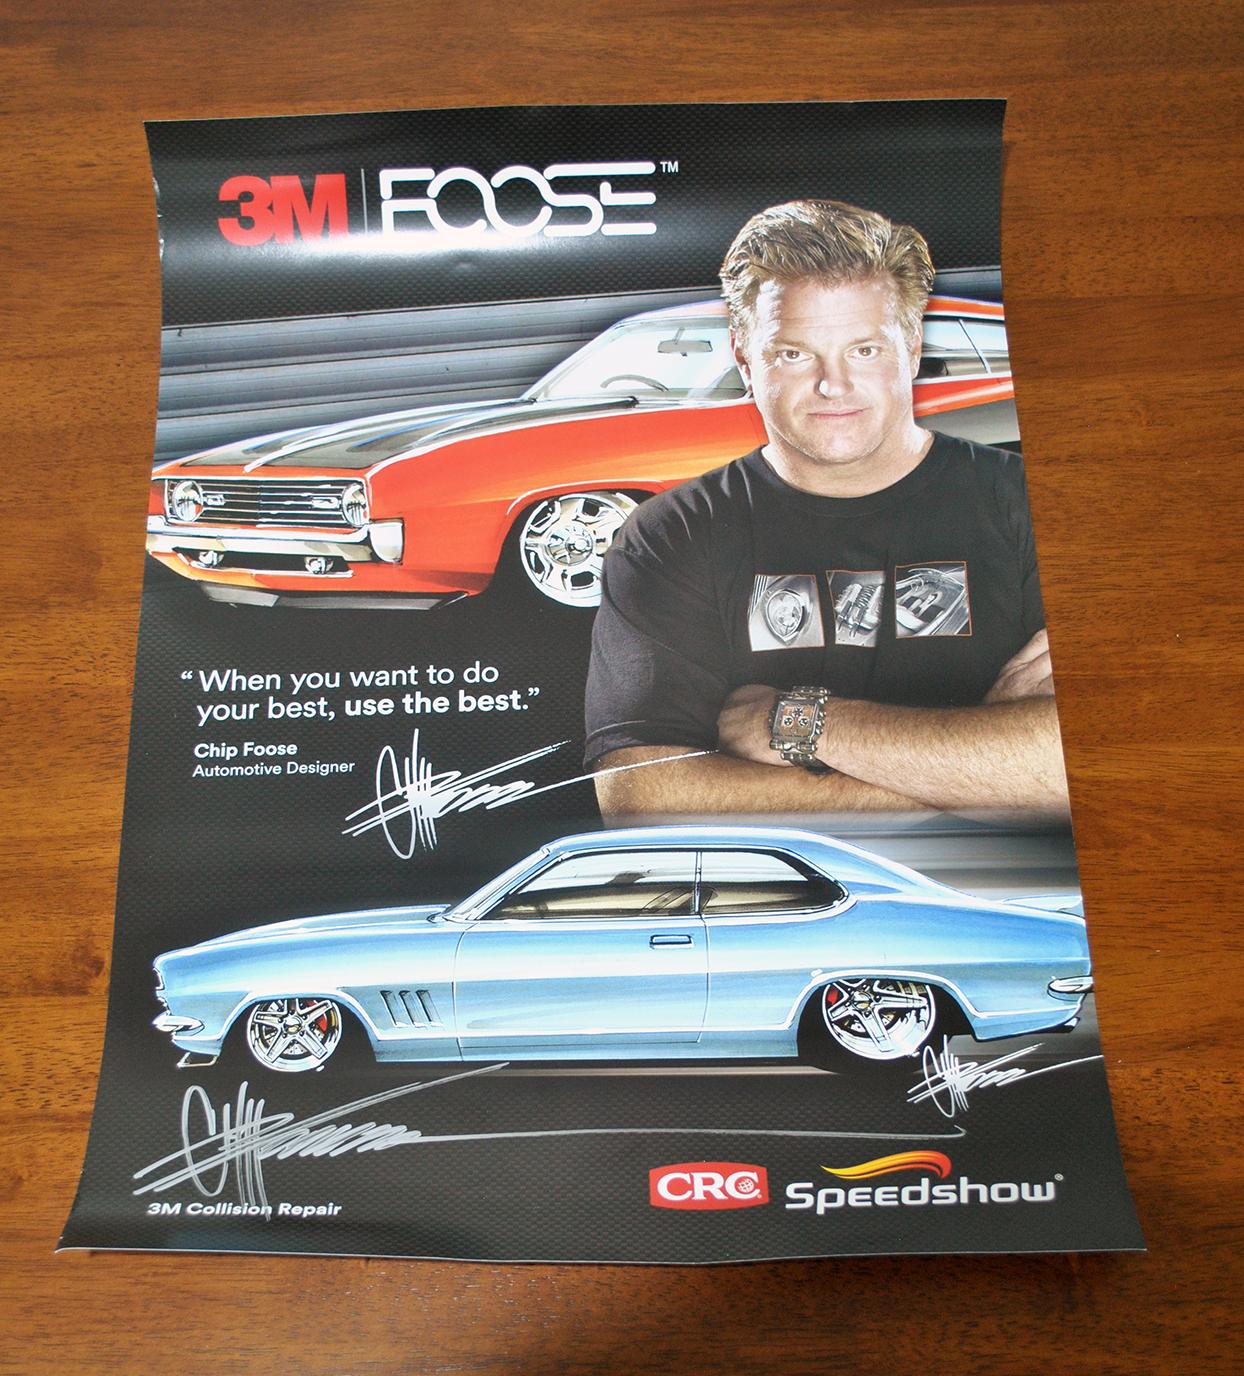 Chip Foose CRC Speedshow